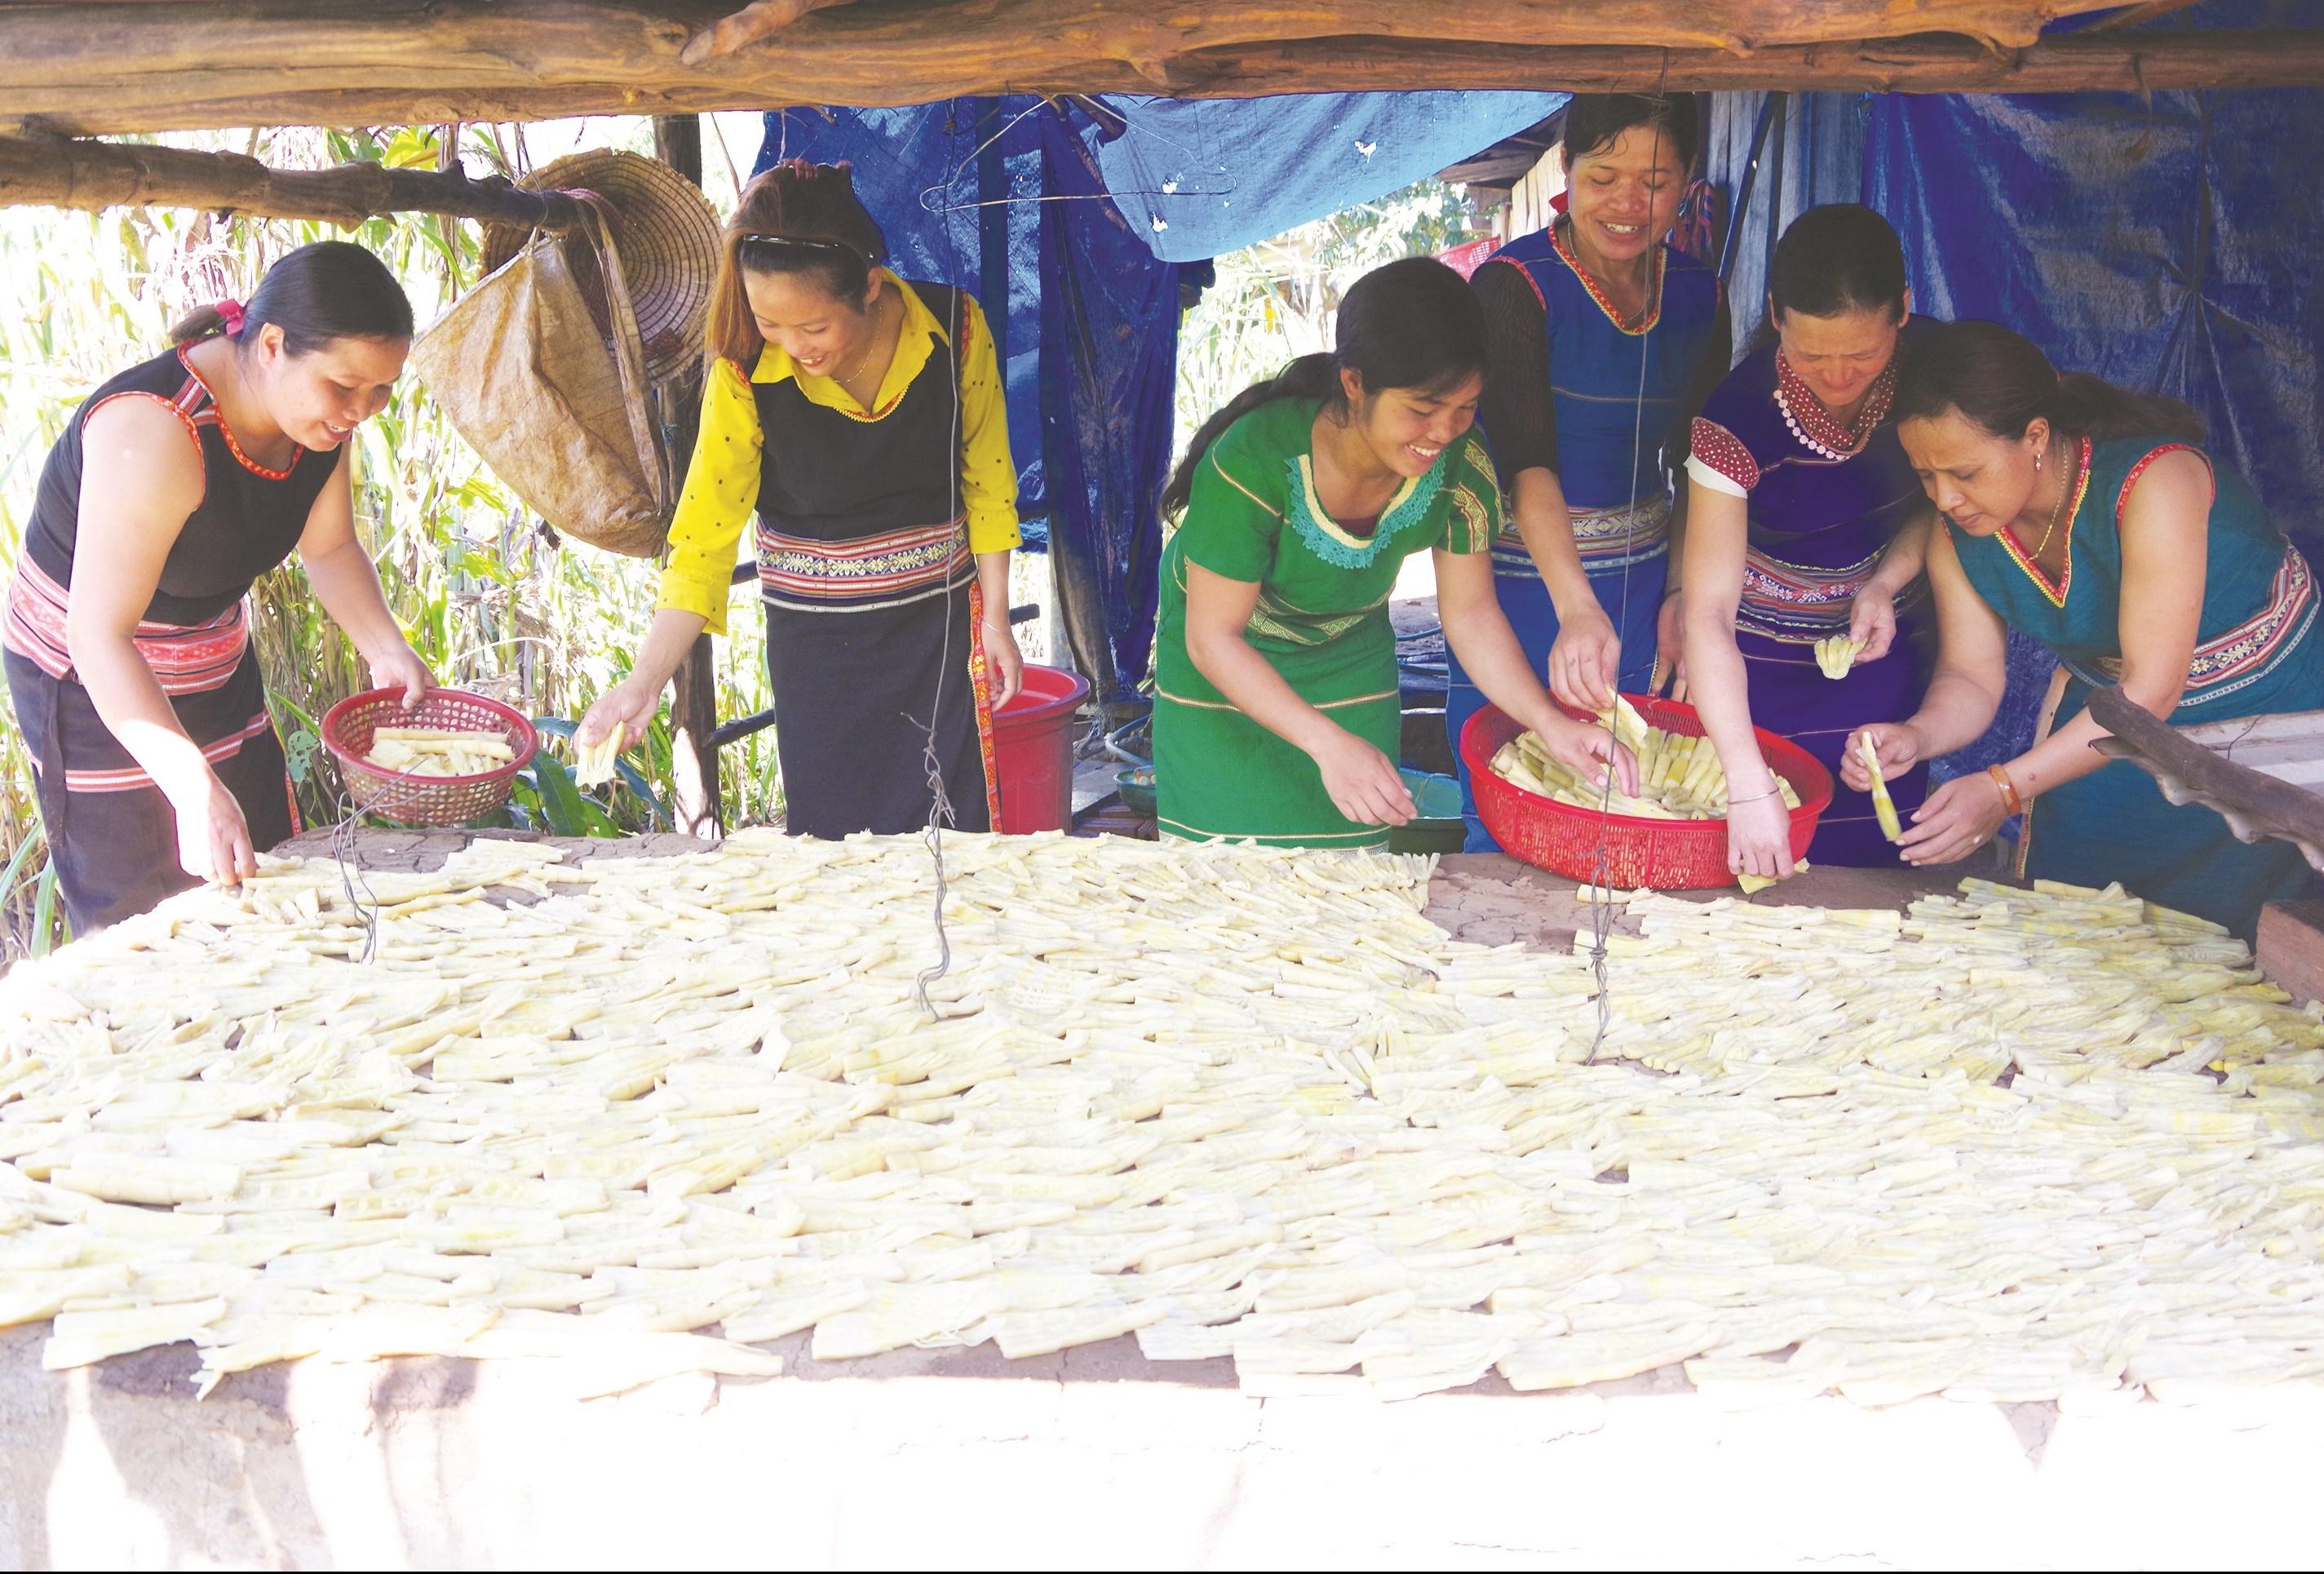 Nhờ có lò sấy măng khô, chị em hội viên đã có thêm thu nhập lo cho gia đình vào mùa mưa